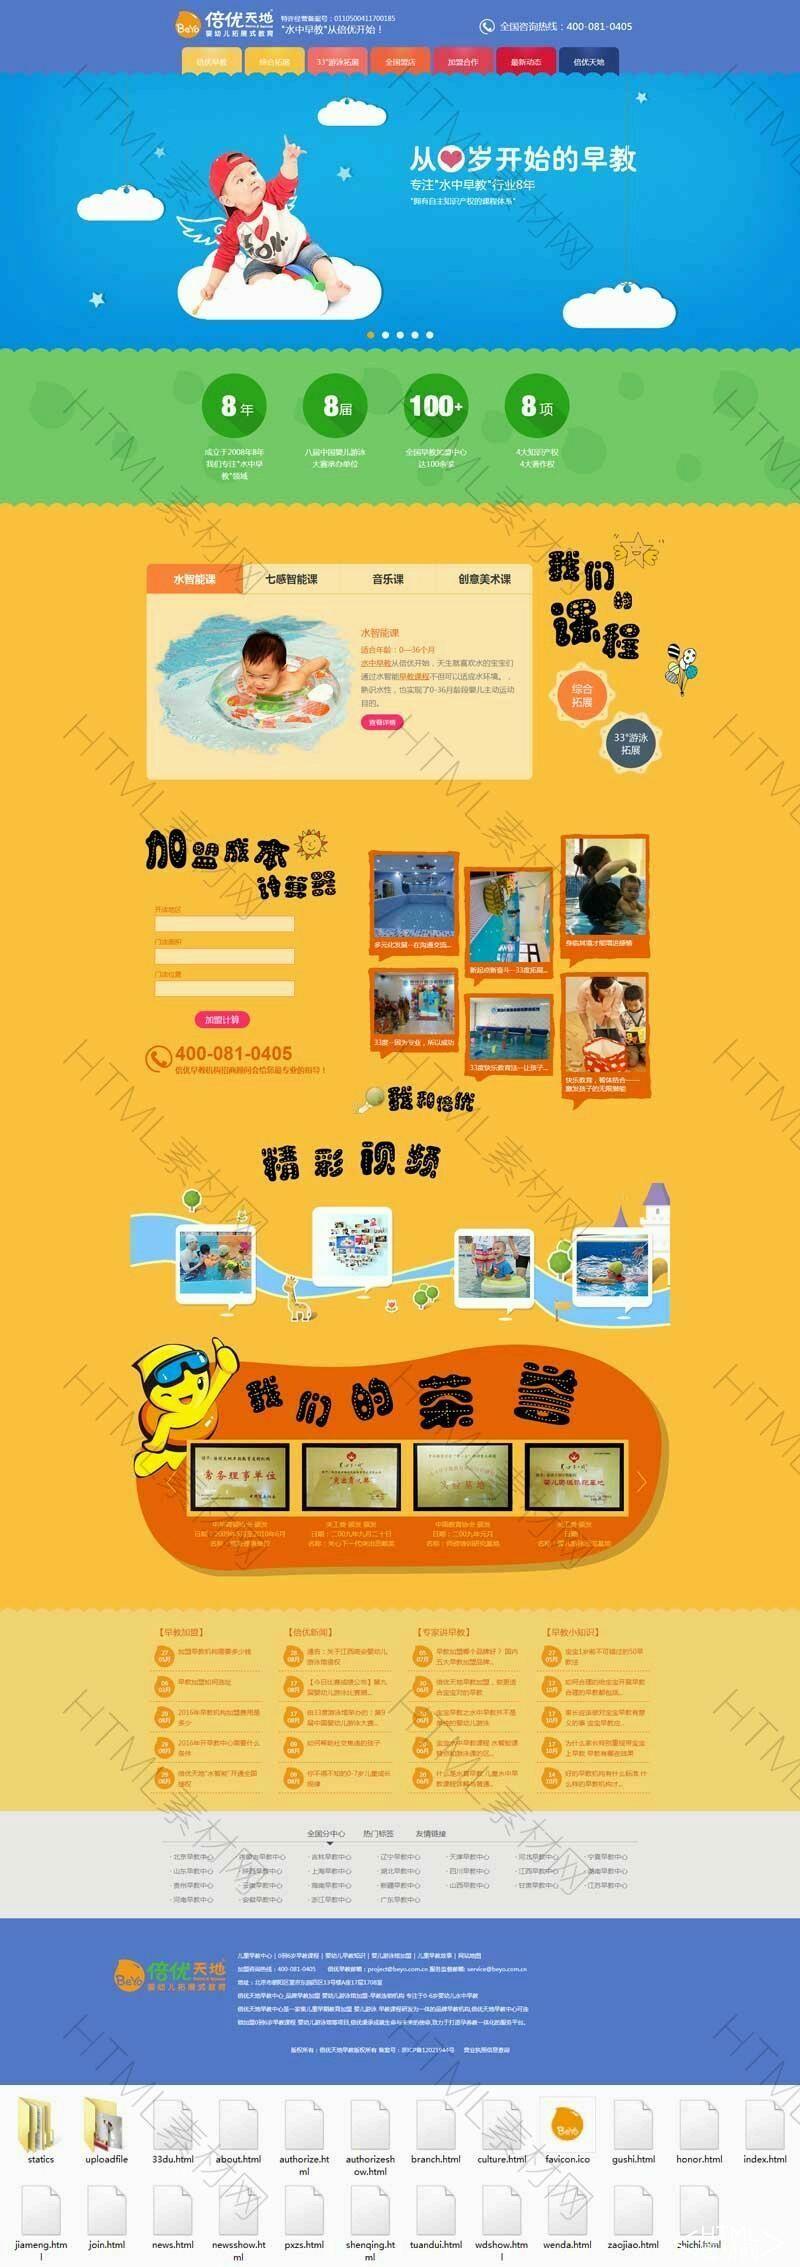 卡通可爱的婴幼儿早教培训机构网站模板html整站.jpg